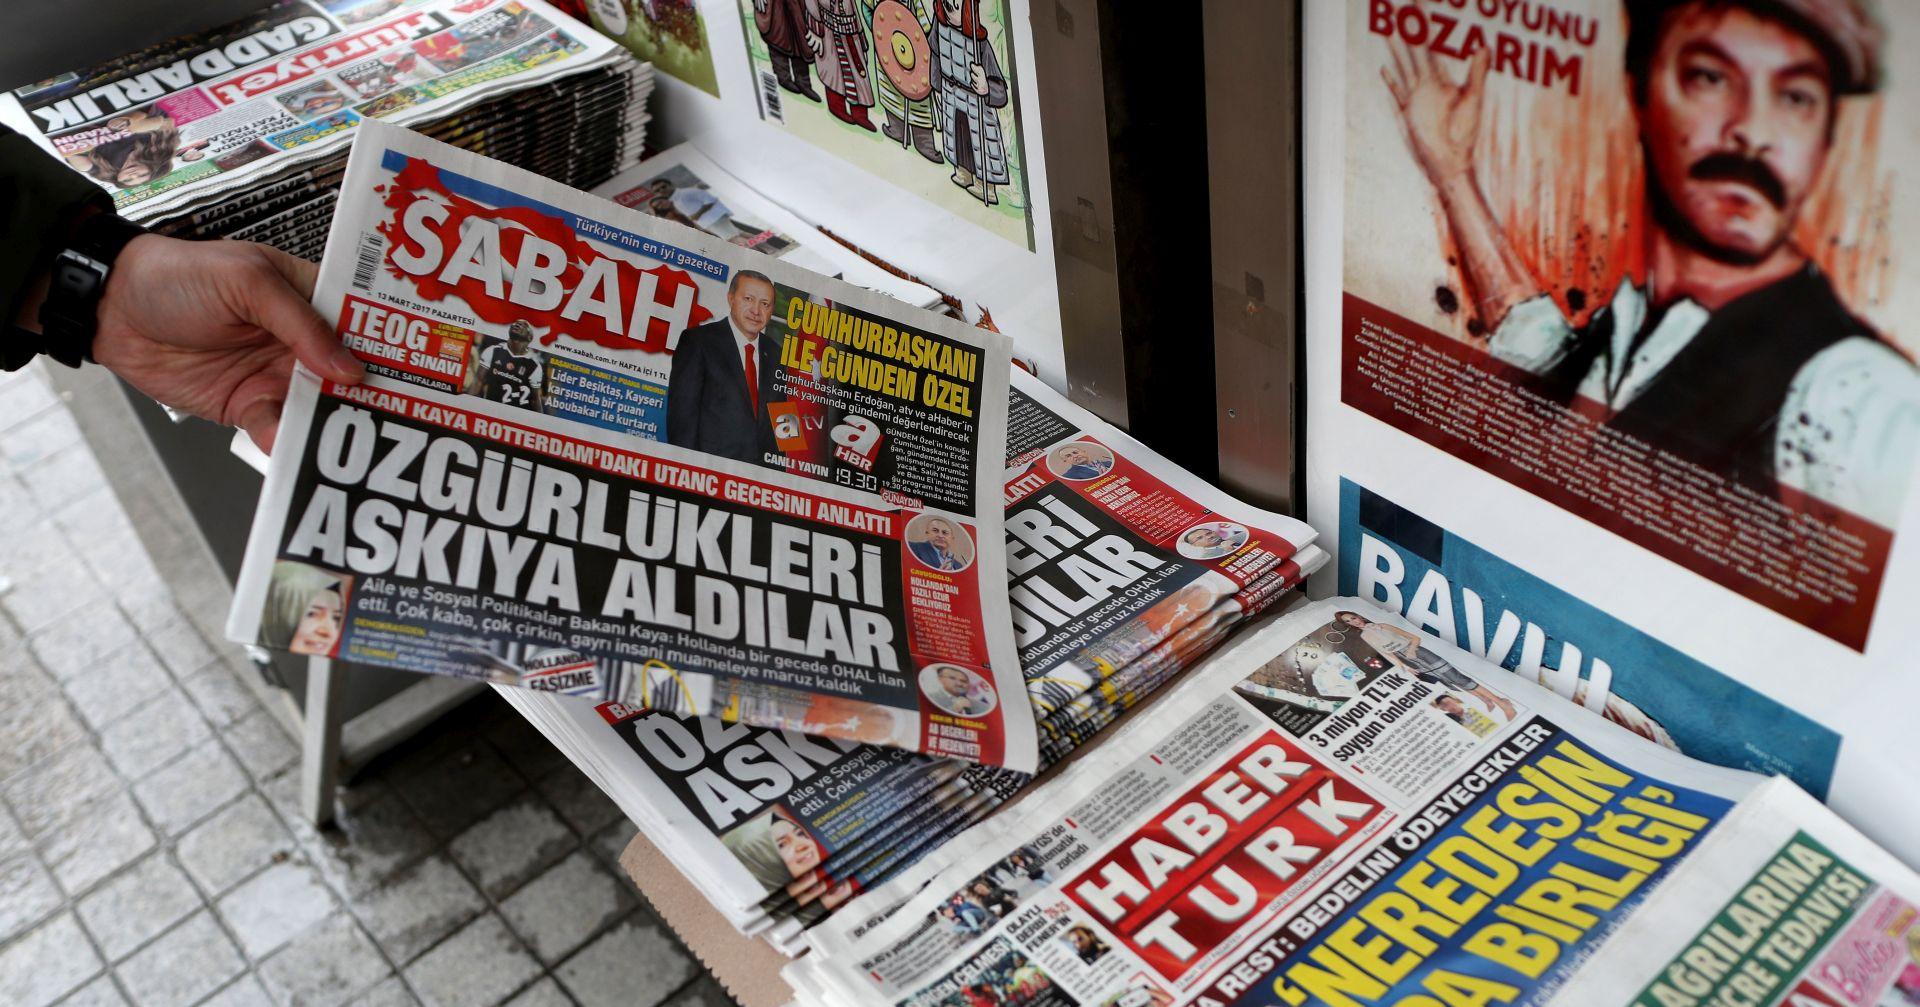 Turska neće dopustiti povratak nizozemskom veleposlaniku u Ankaru